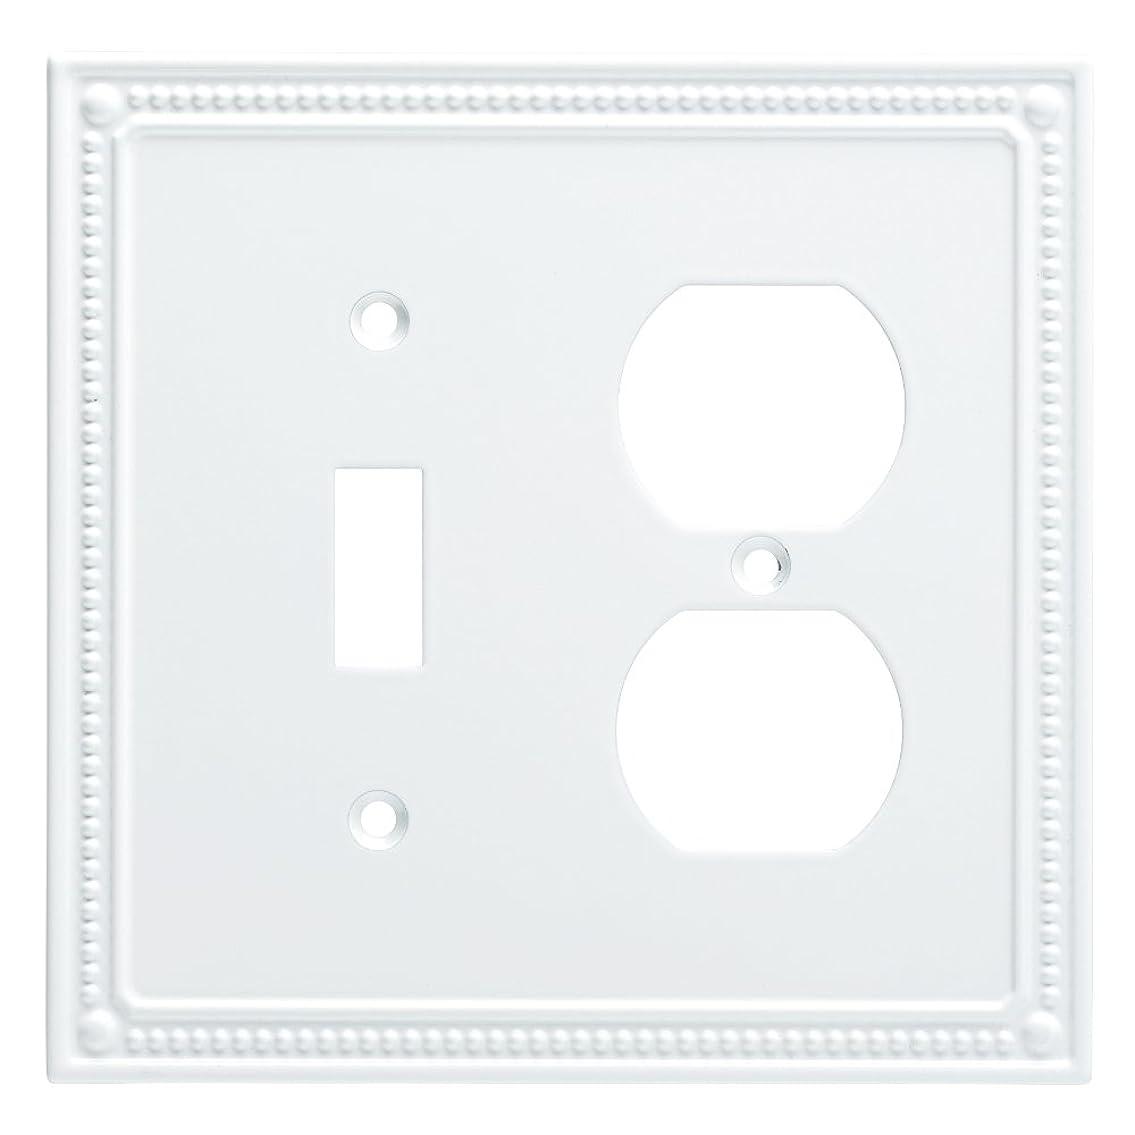 ボストレッド過言Franklin真鍮クラシックビーズ付きスイッチ/二重壁スイッチプレート/プレート/カバー ホワイト W35062-PW-C 1